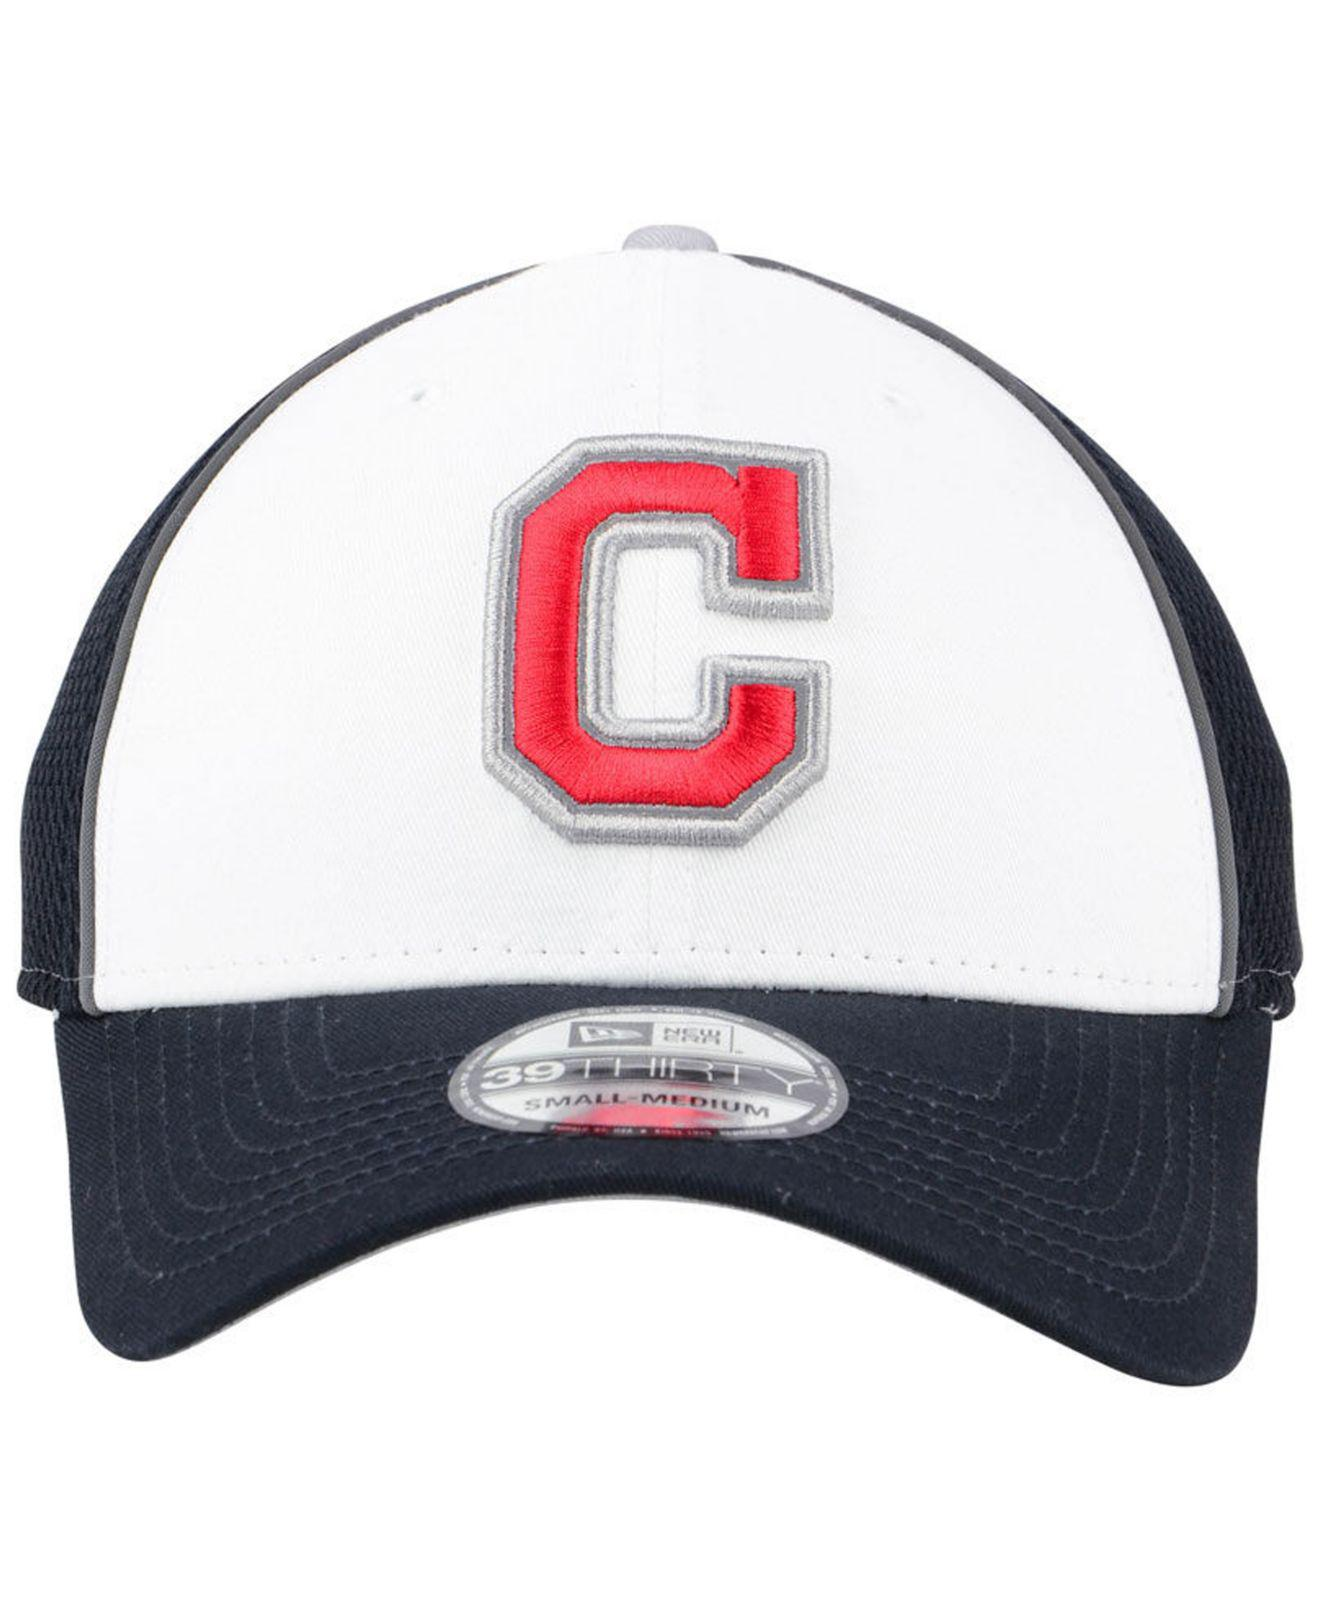 hot sale online 6de2a 3bbe3 ... shop lyst ktz cleveland indians pop reflective 39thirty cap in blue for  men c11c1 c3052